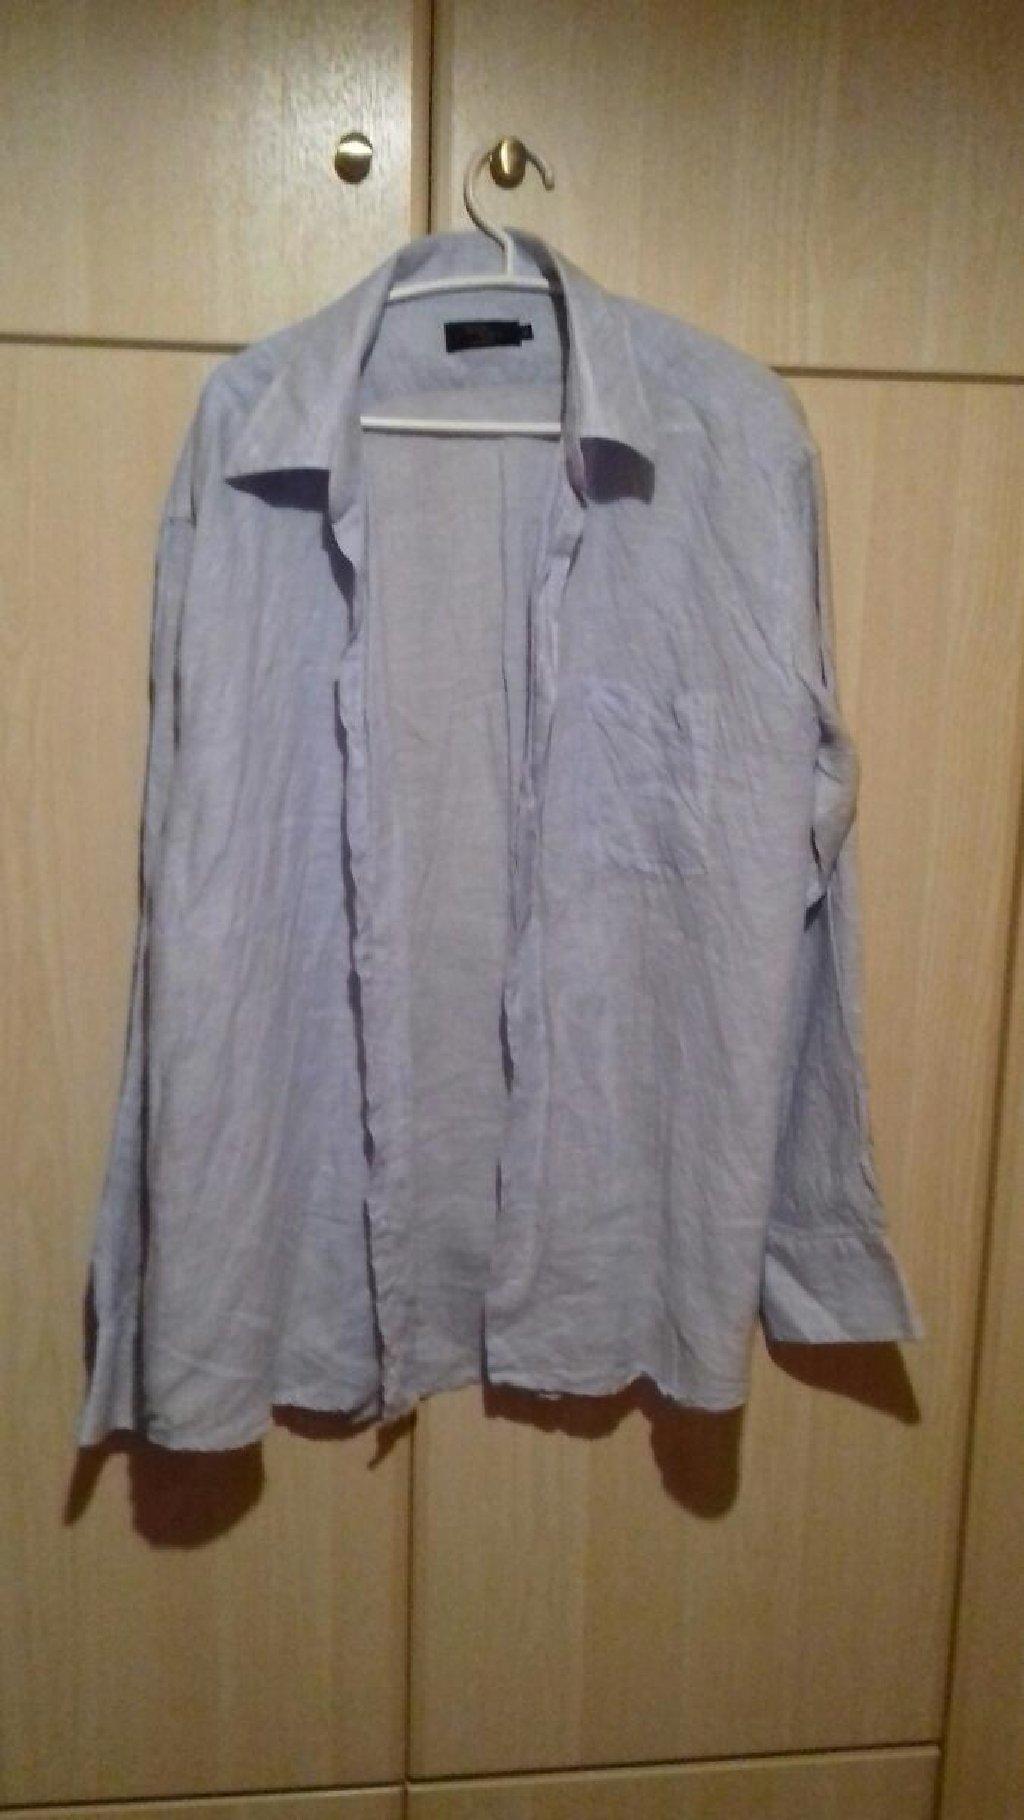 Ανδρικά πουκάμισα, XL, χρώμα : γαλάζιο και μωβ, ελάχιστες φορές φορεμένα, άριστη κατάσταση